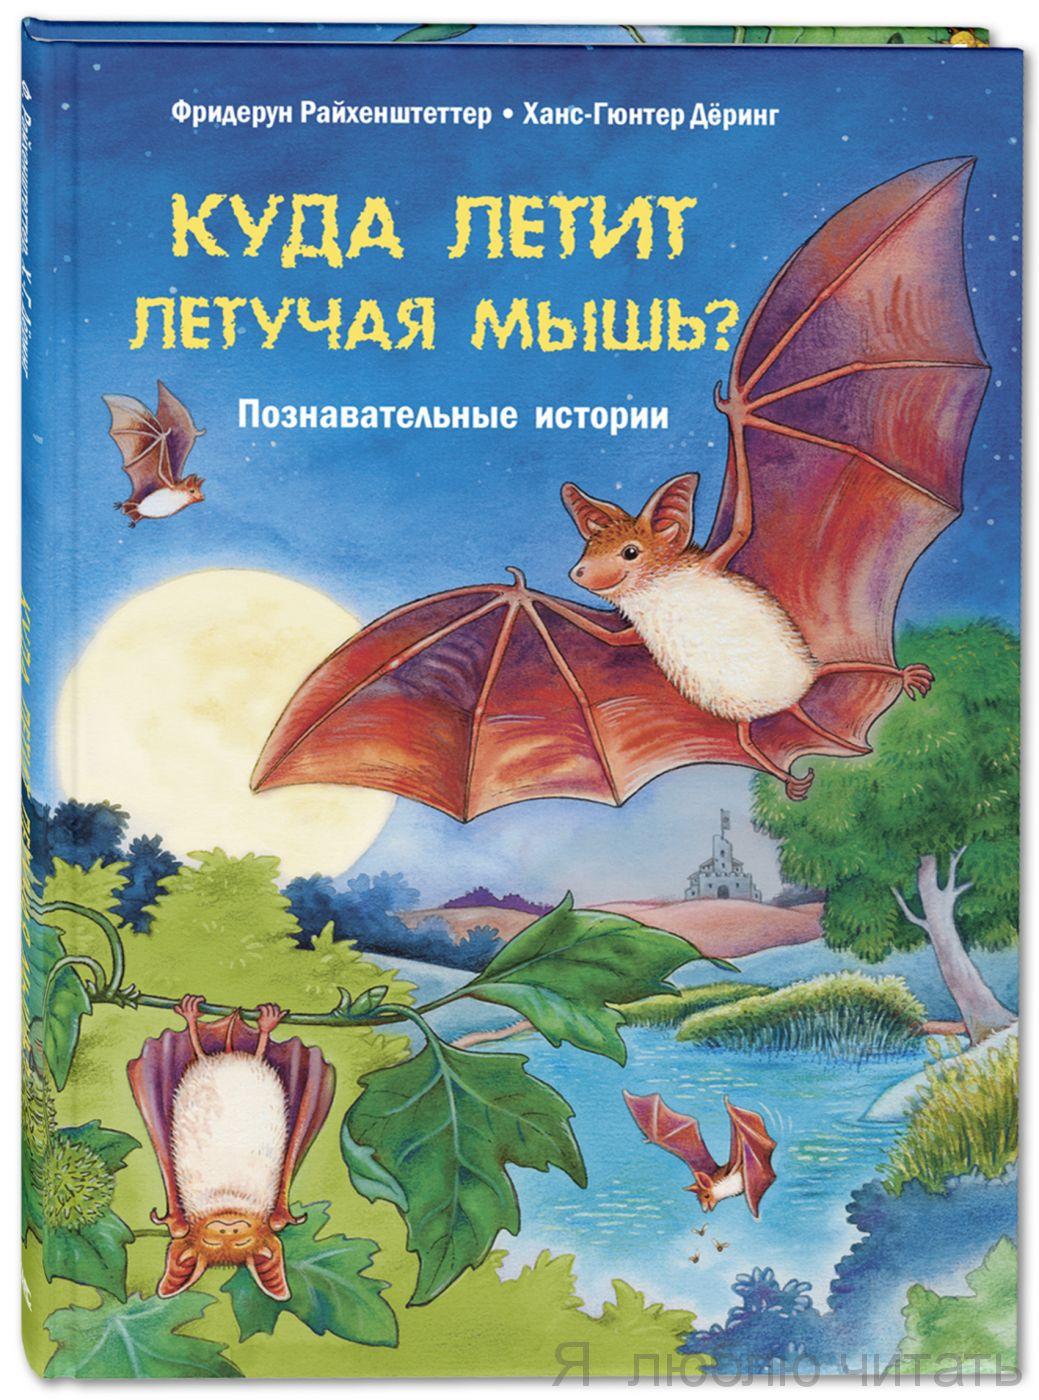 Куда летит летучая мышь? Познавательные истории